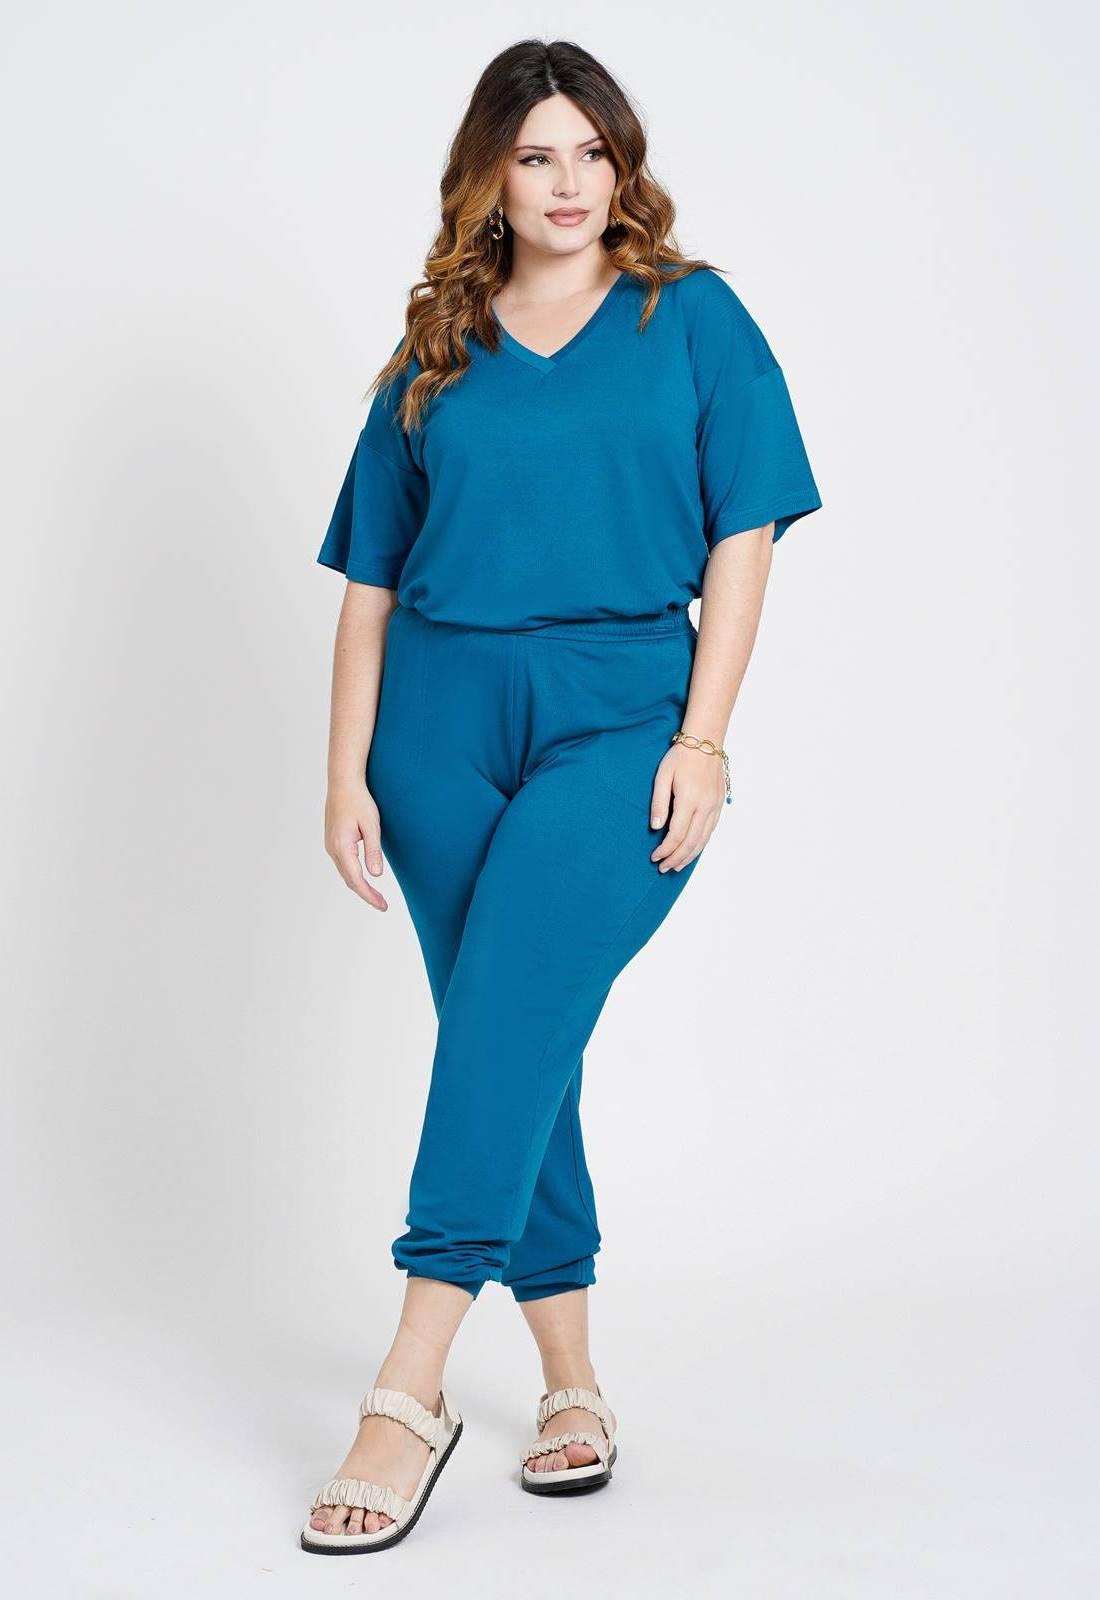 Conjunto malha blusa e calça azul Ref. U80621